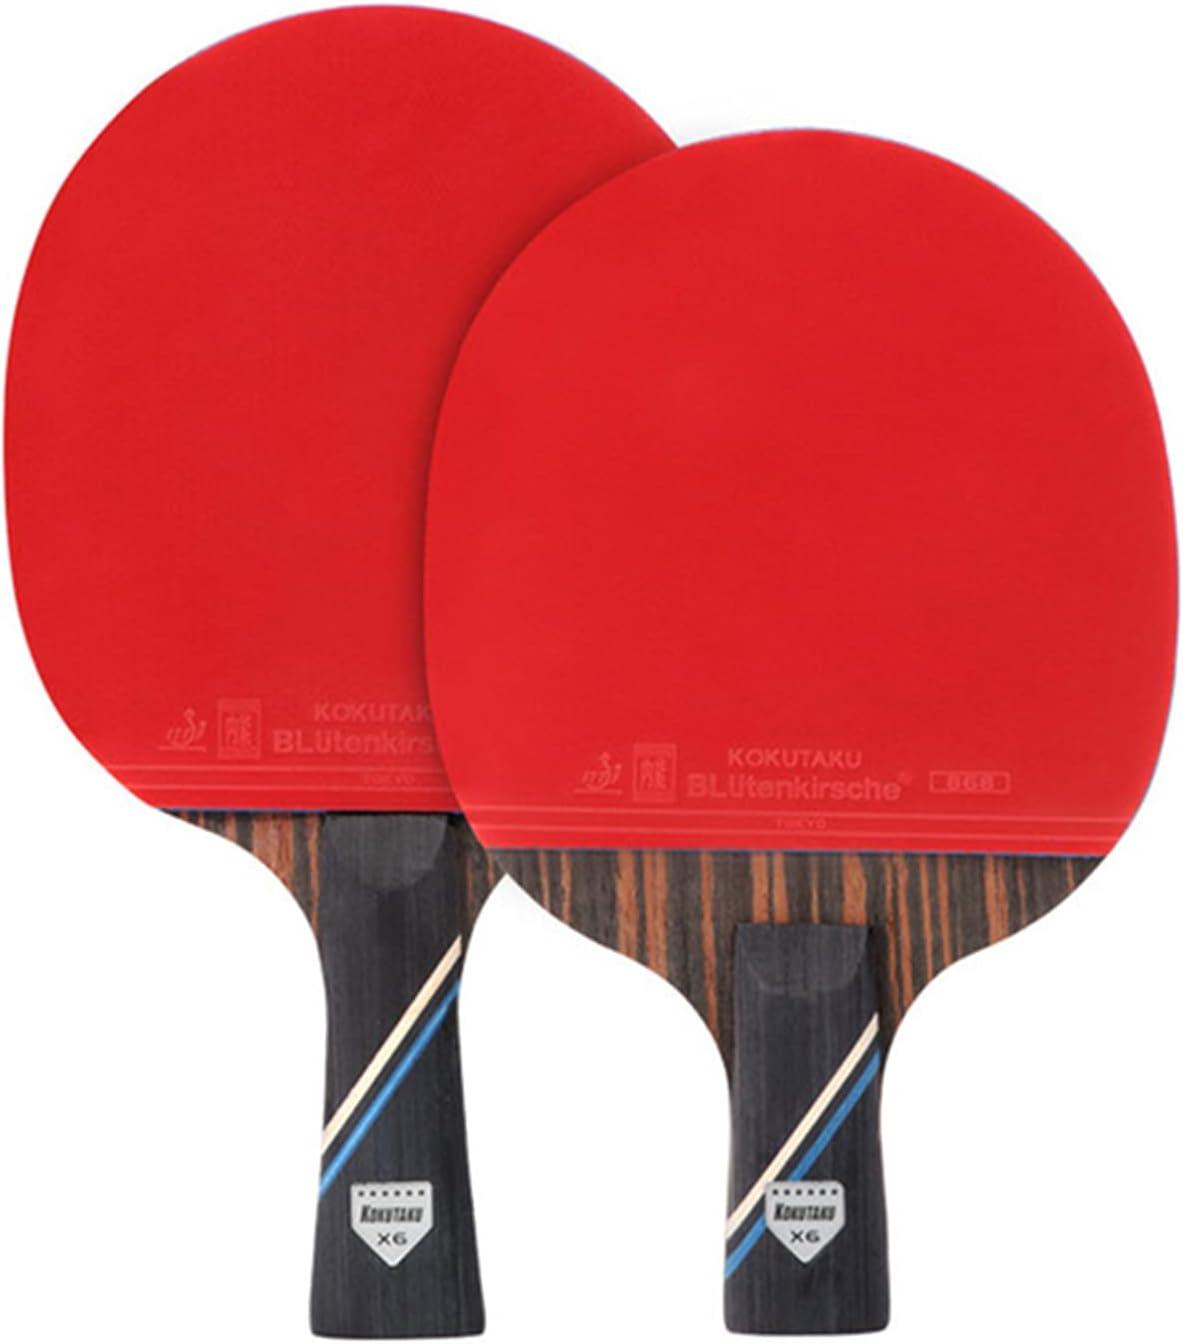 Bartholomew KOKUTAKU PingPong Palas con estructura de carbono, ligeras, de larga duración, cómodas a mano, el mejor regalo para los aficionados al deporte